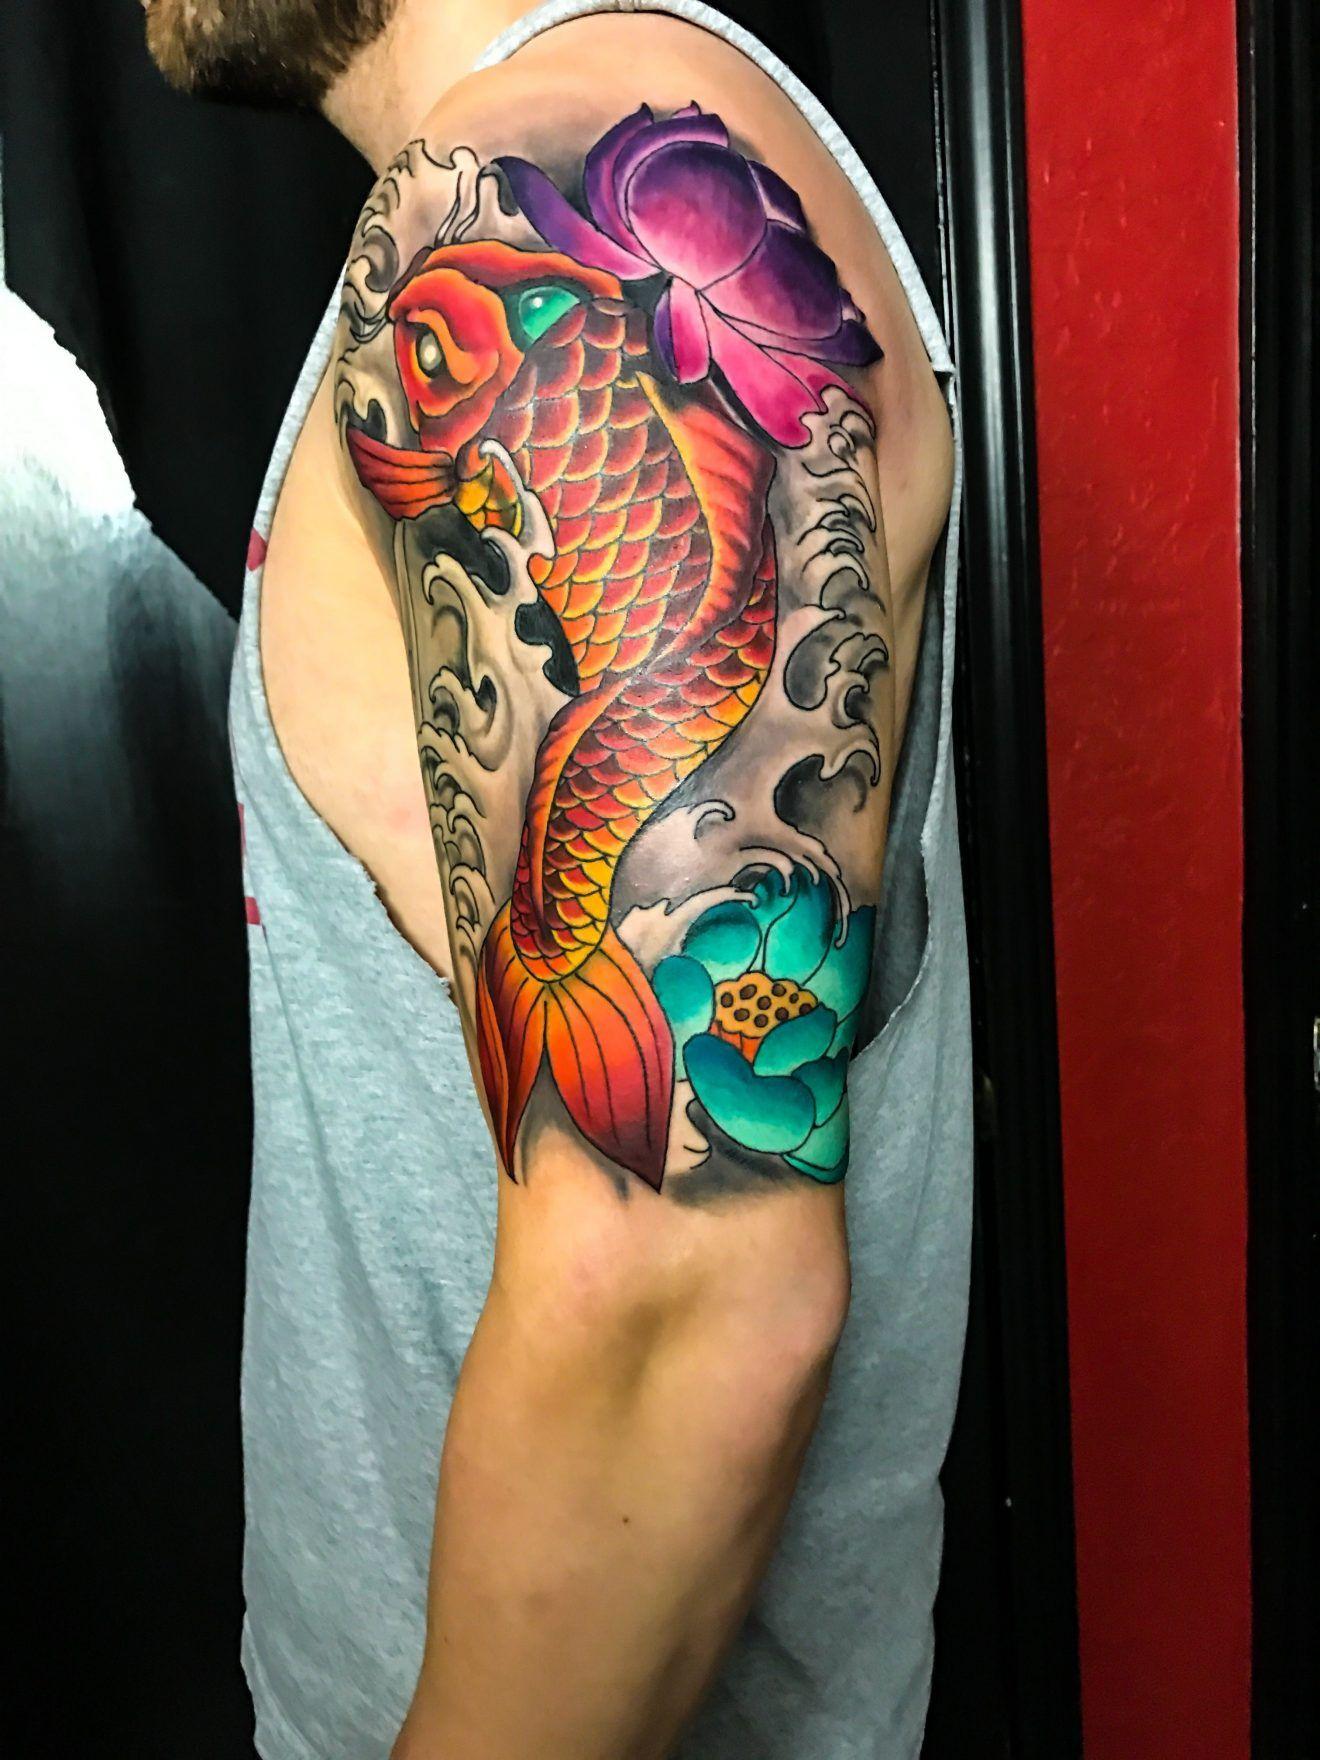 Tatuajes Para Hombres 109 Disenos De Tattoos Significado Mas Sexies Tatuaje De Koi Tatuajes De Pescado Koi Tatuaje Koi En El Brazo